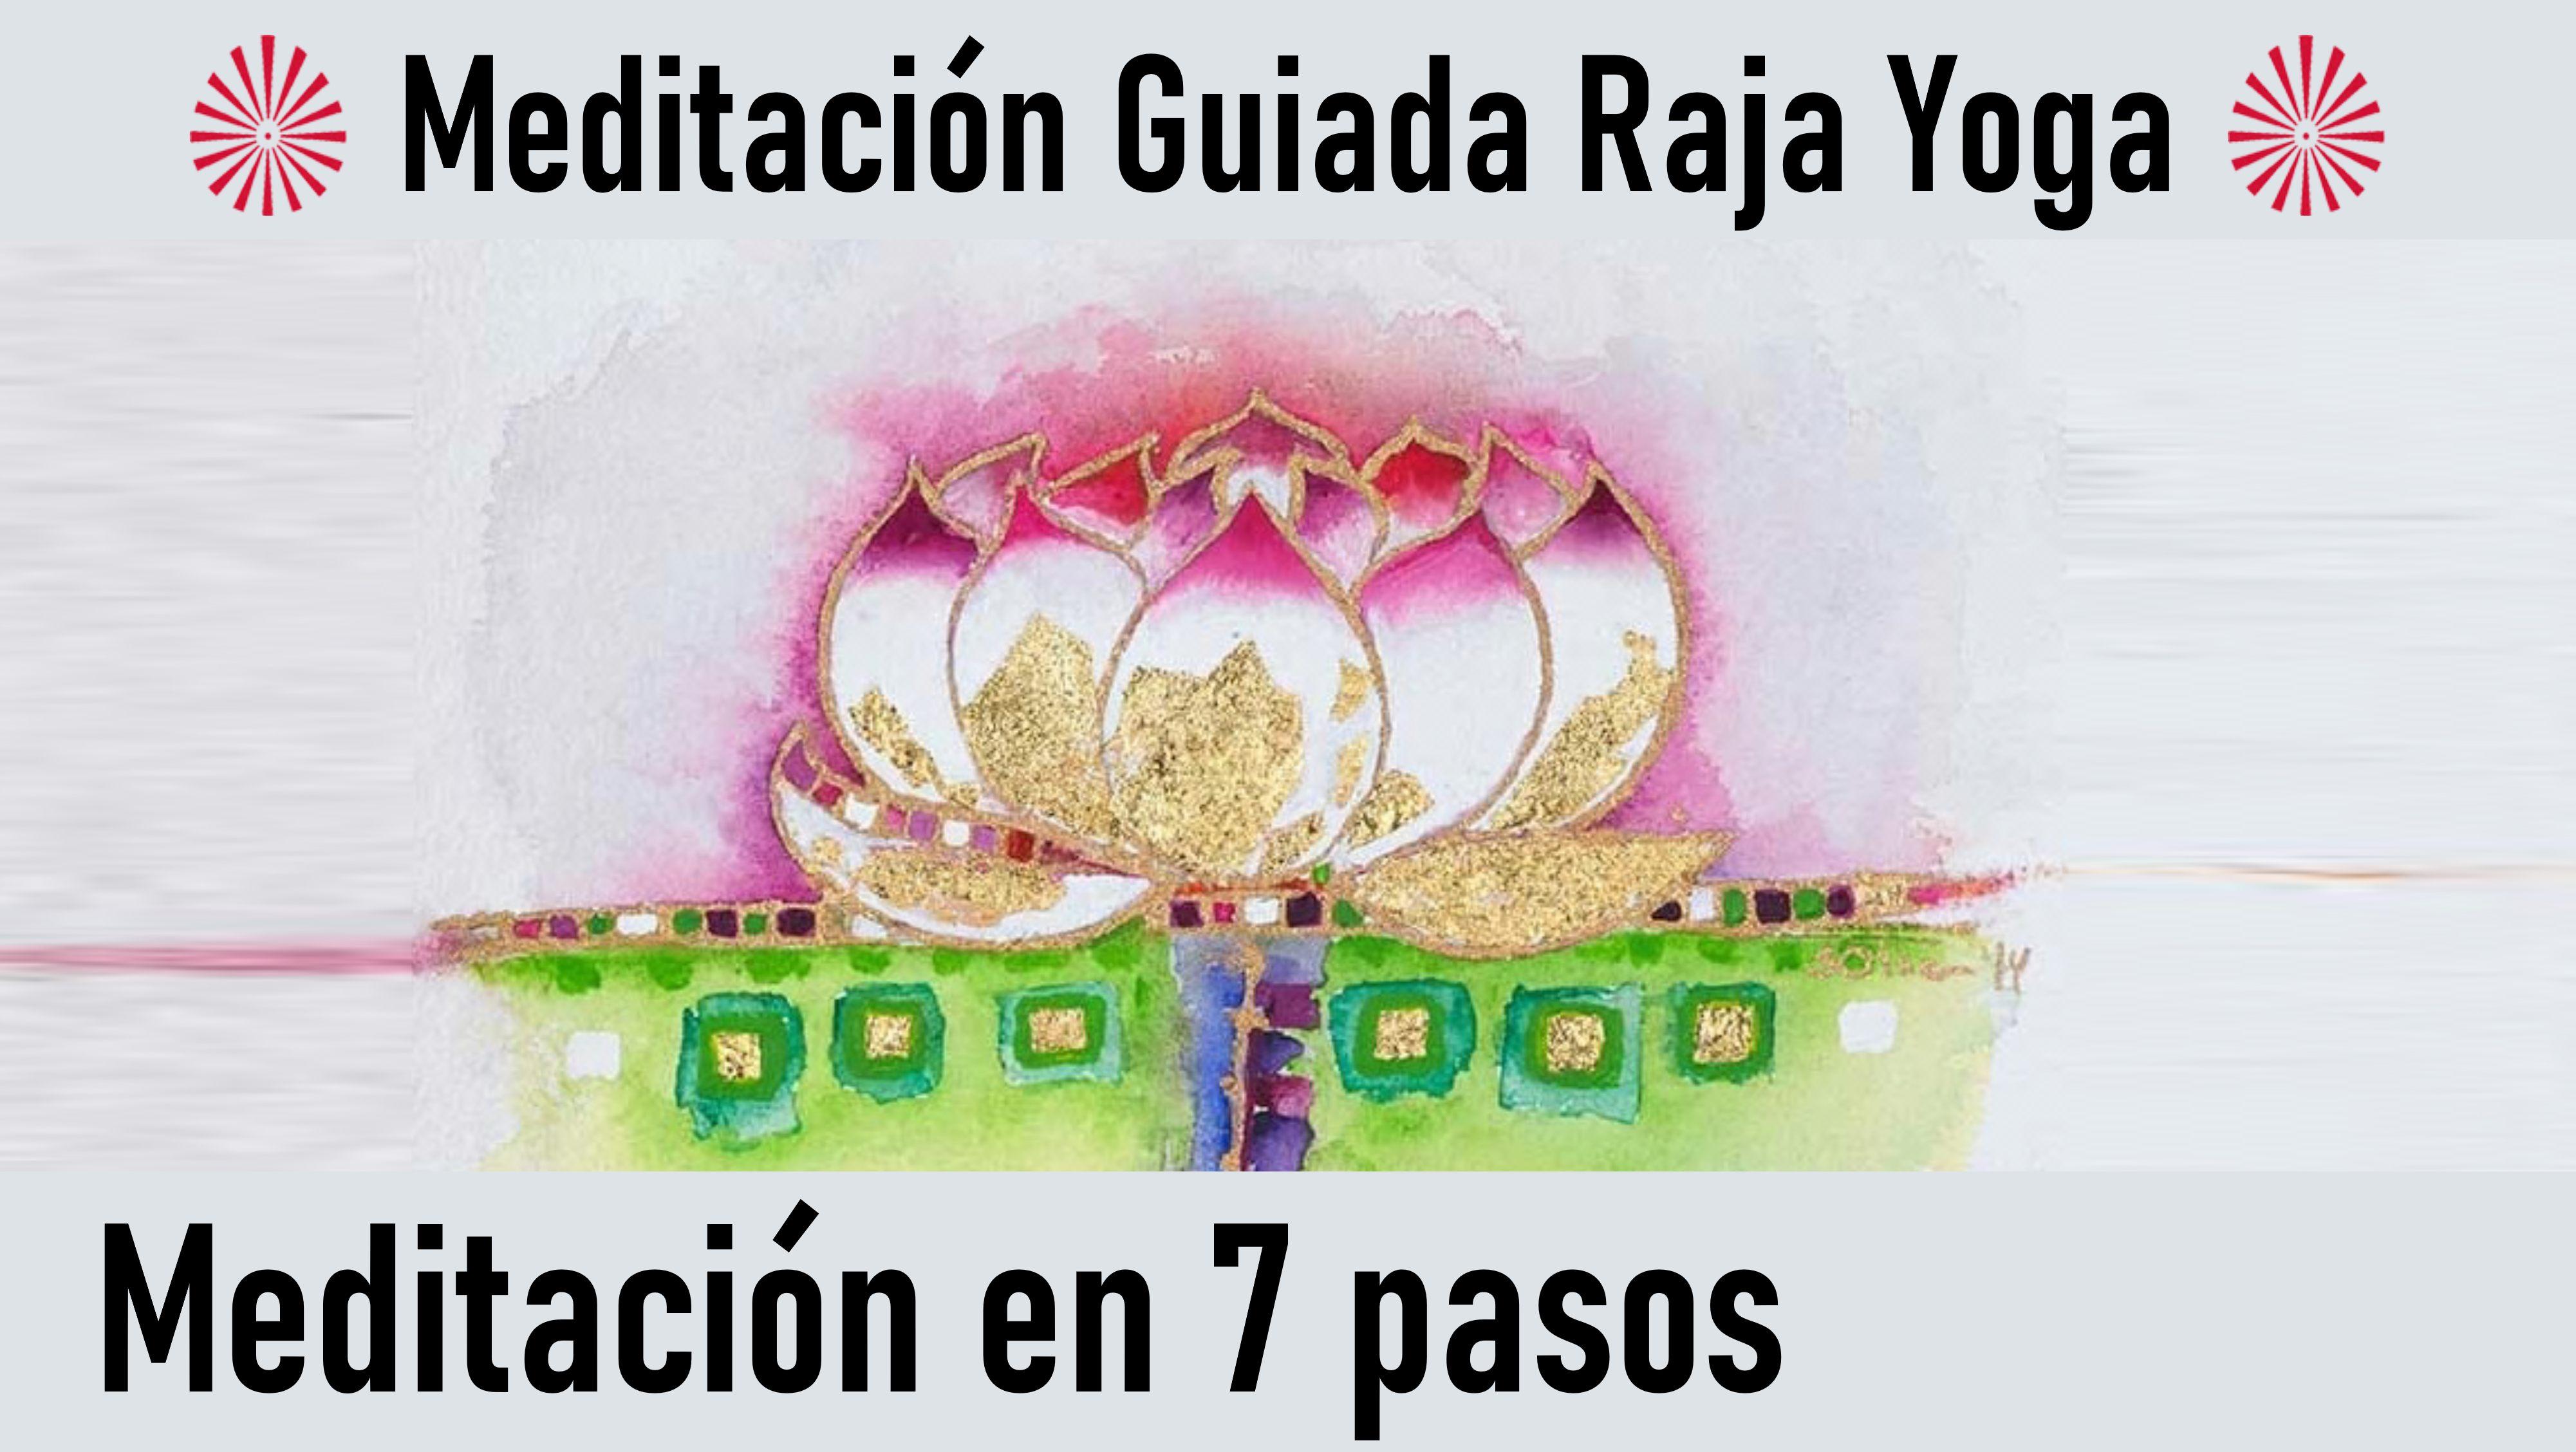 Meditación Raja Yoga: Meditación en 7 pasos (13 Junio 2020) On-line desde Valencia